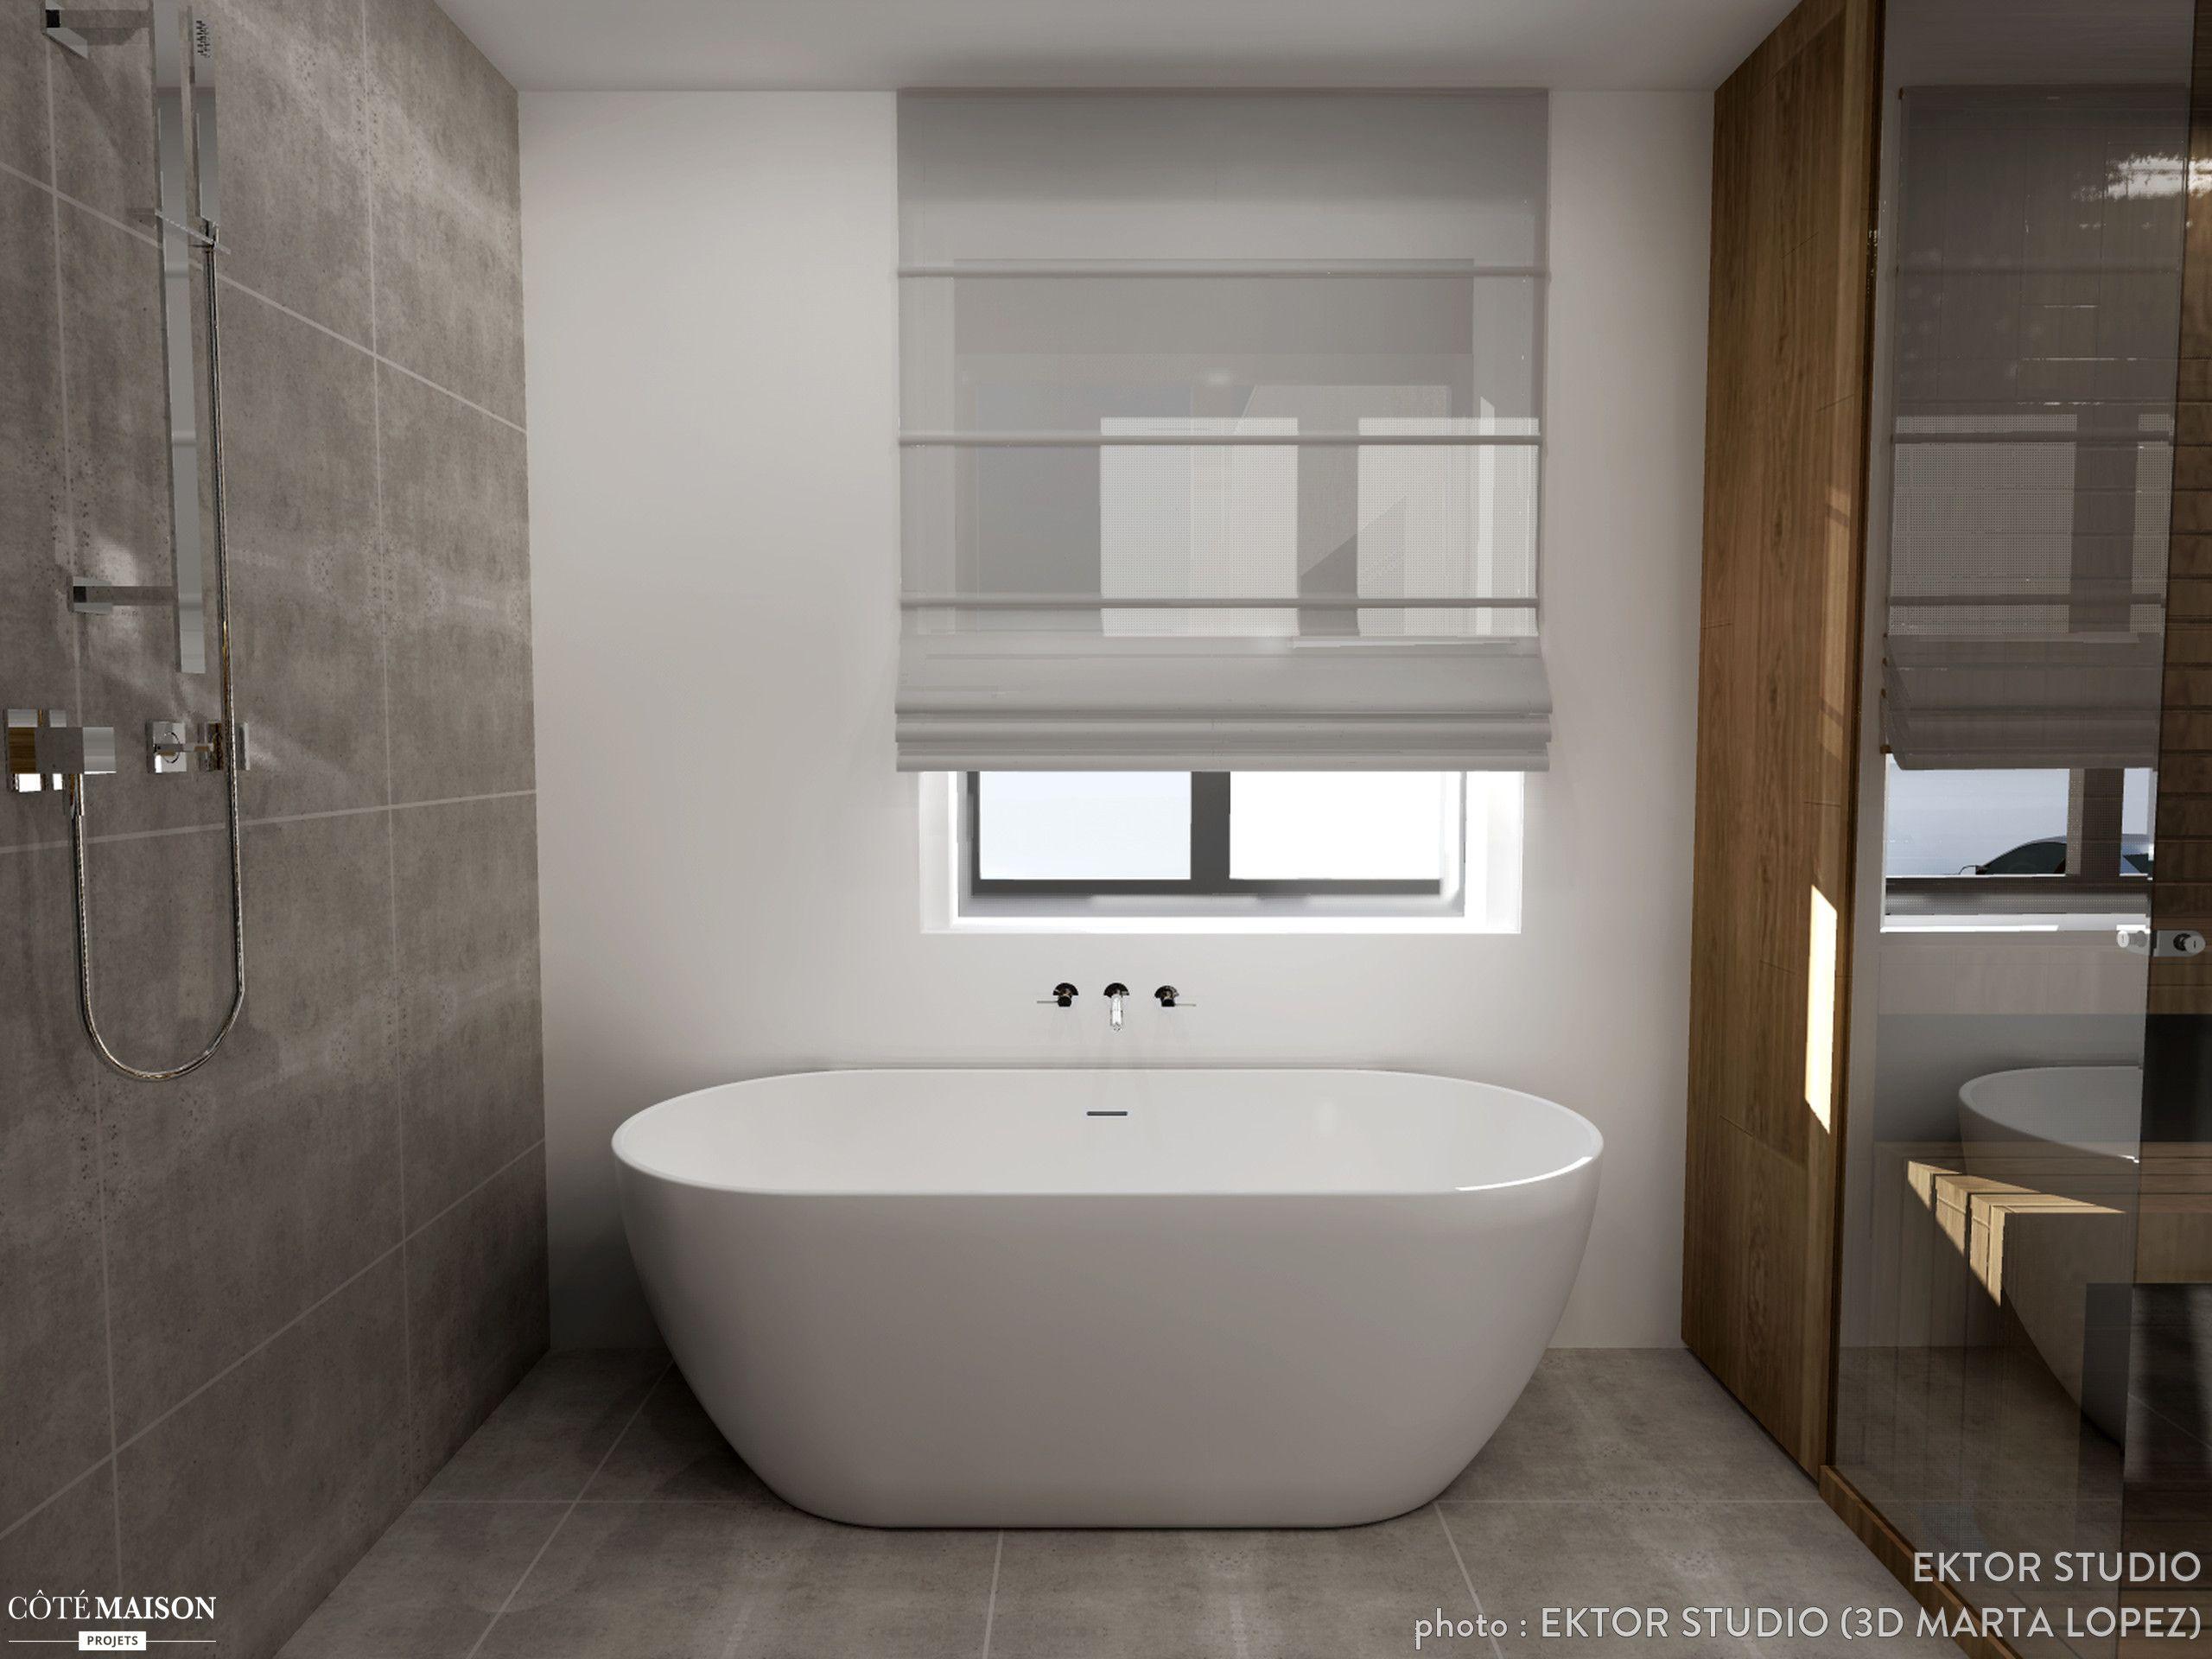 R alisation d 39 une salle de bains ektor studio c t for Voir les salles de bain